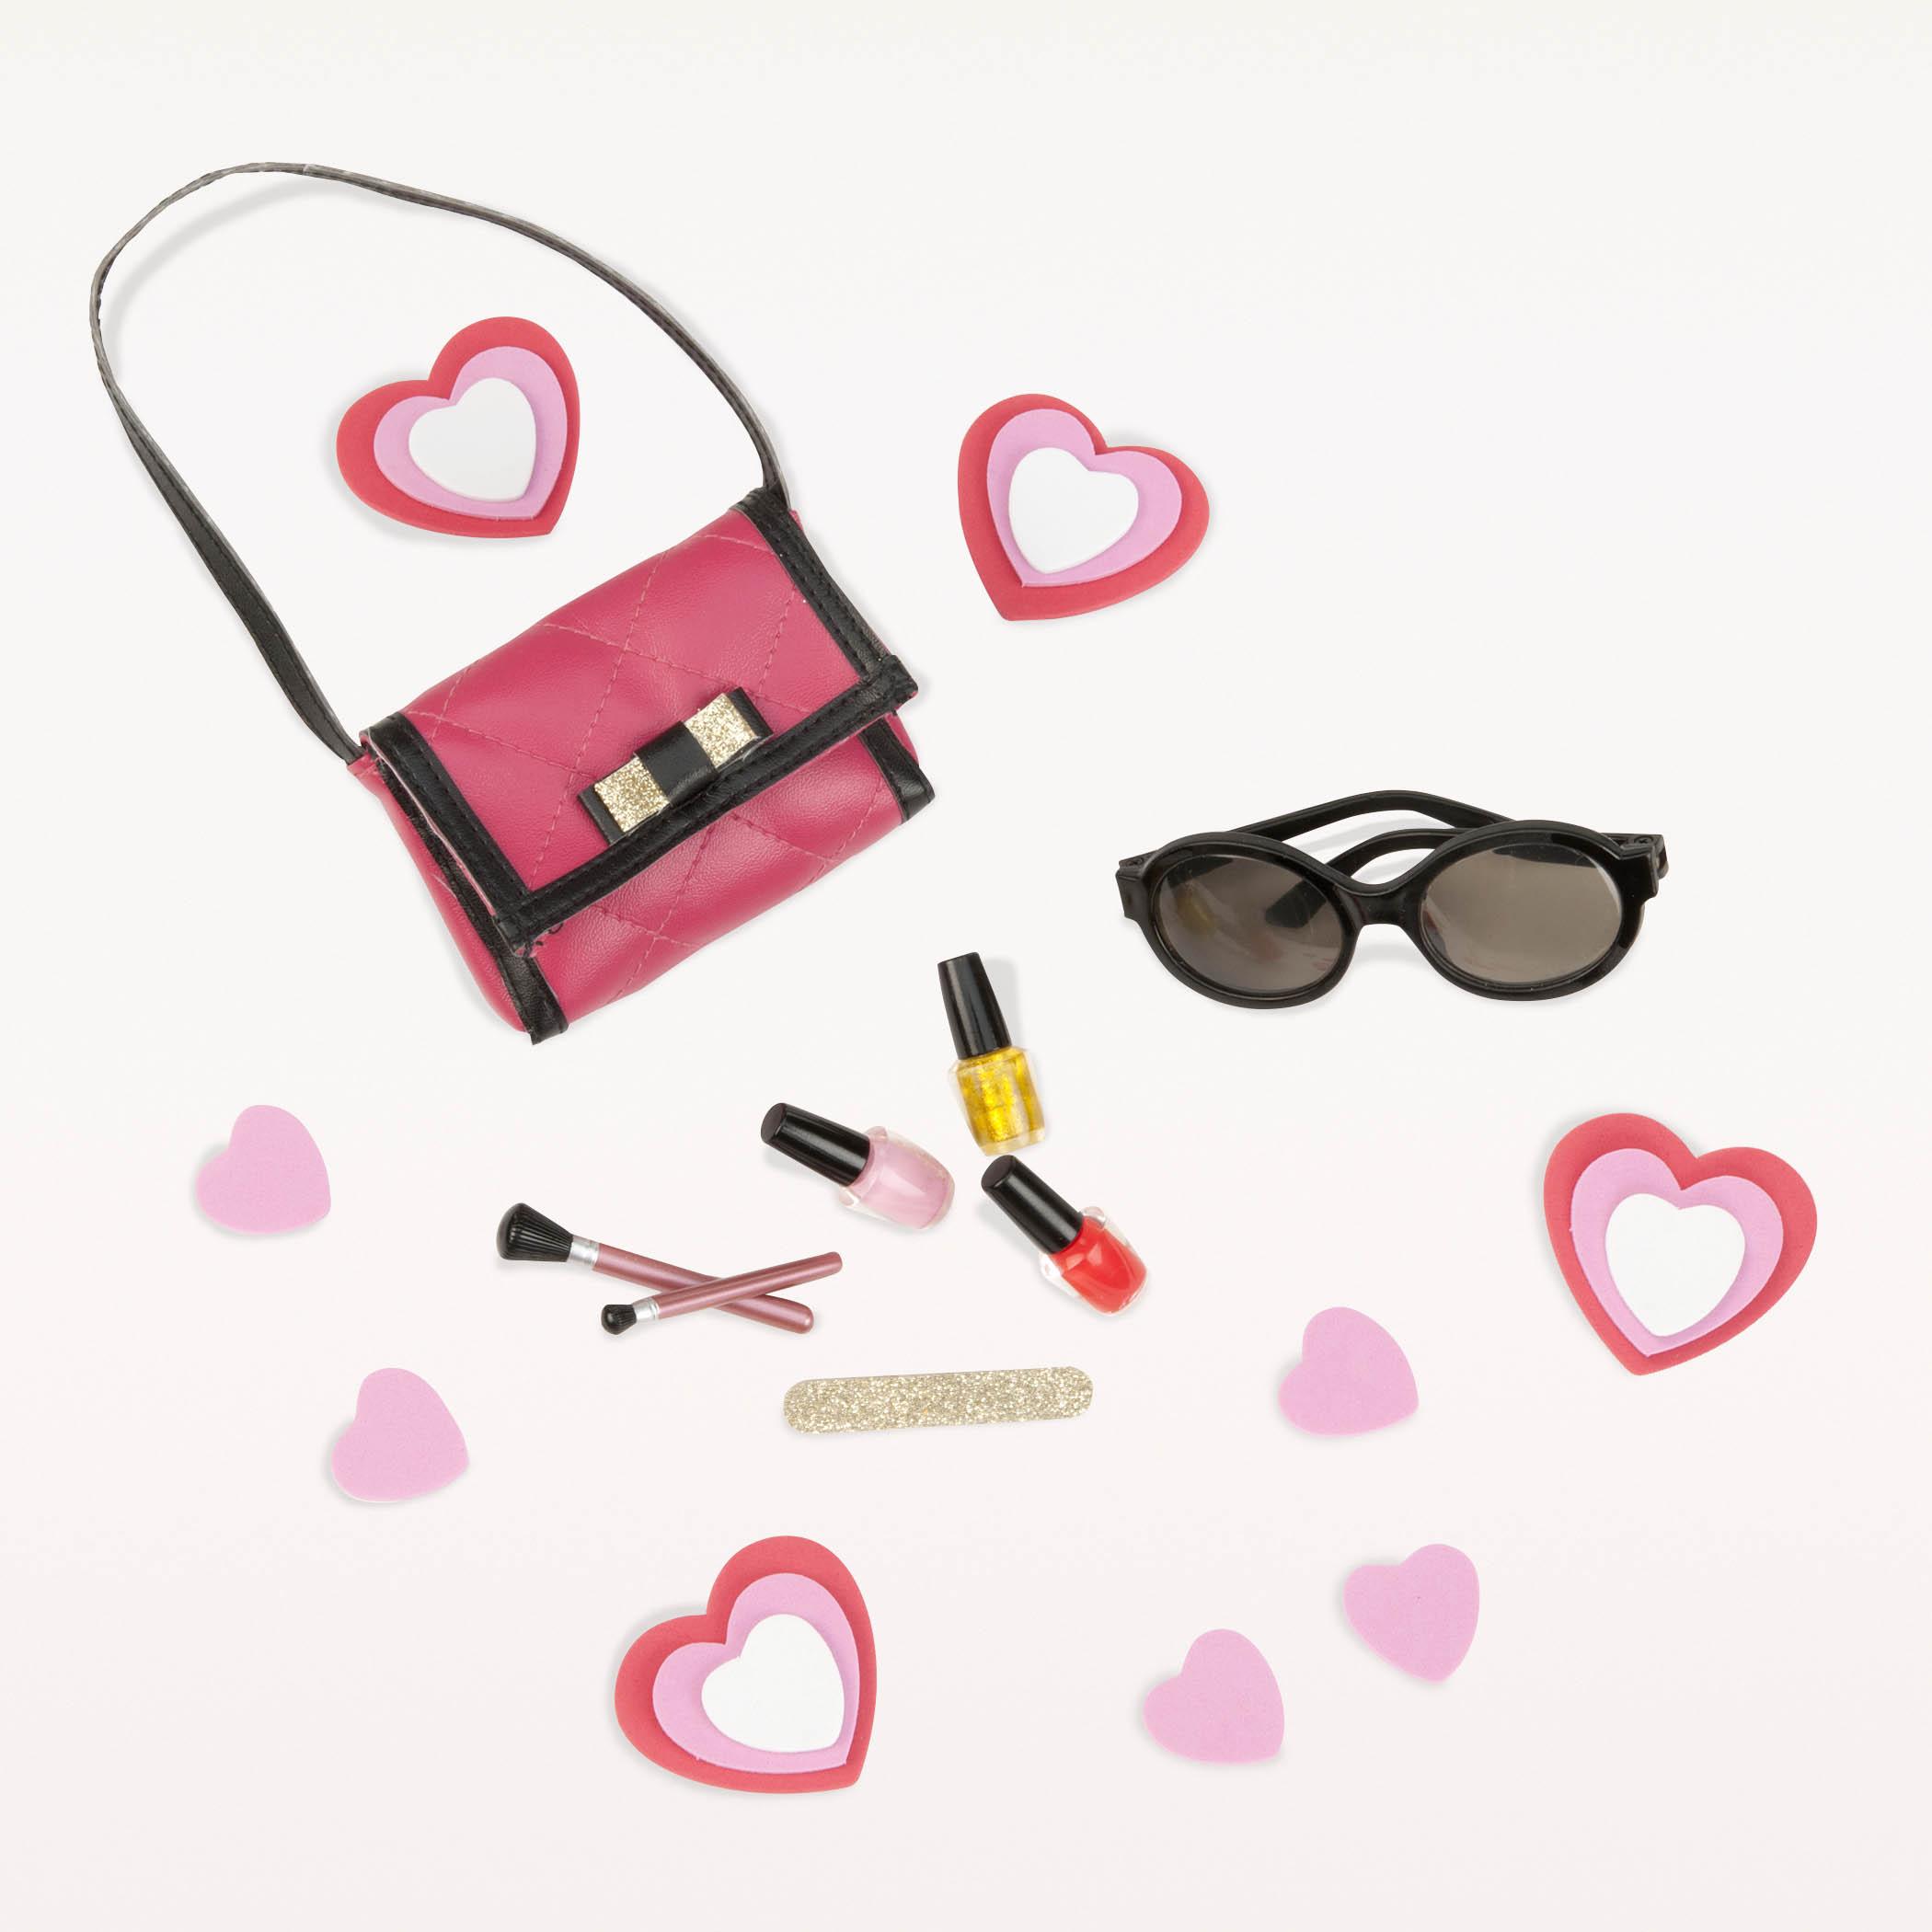 Mini accessories OG - Oh La La Glam Set